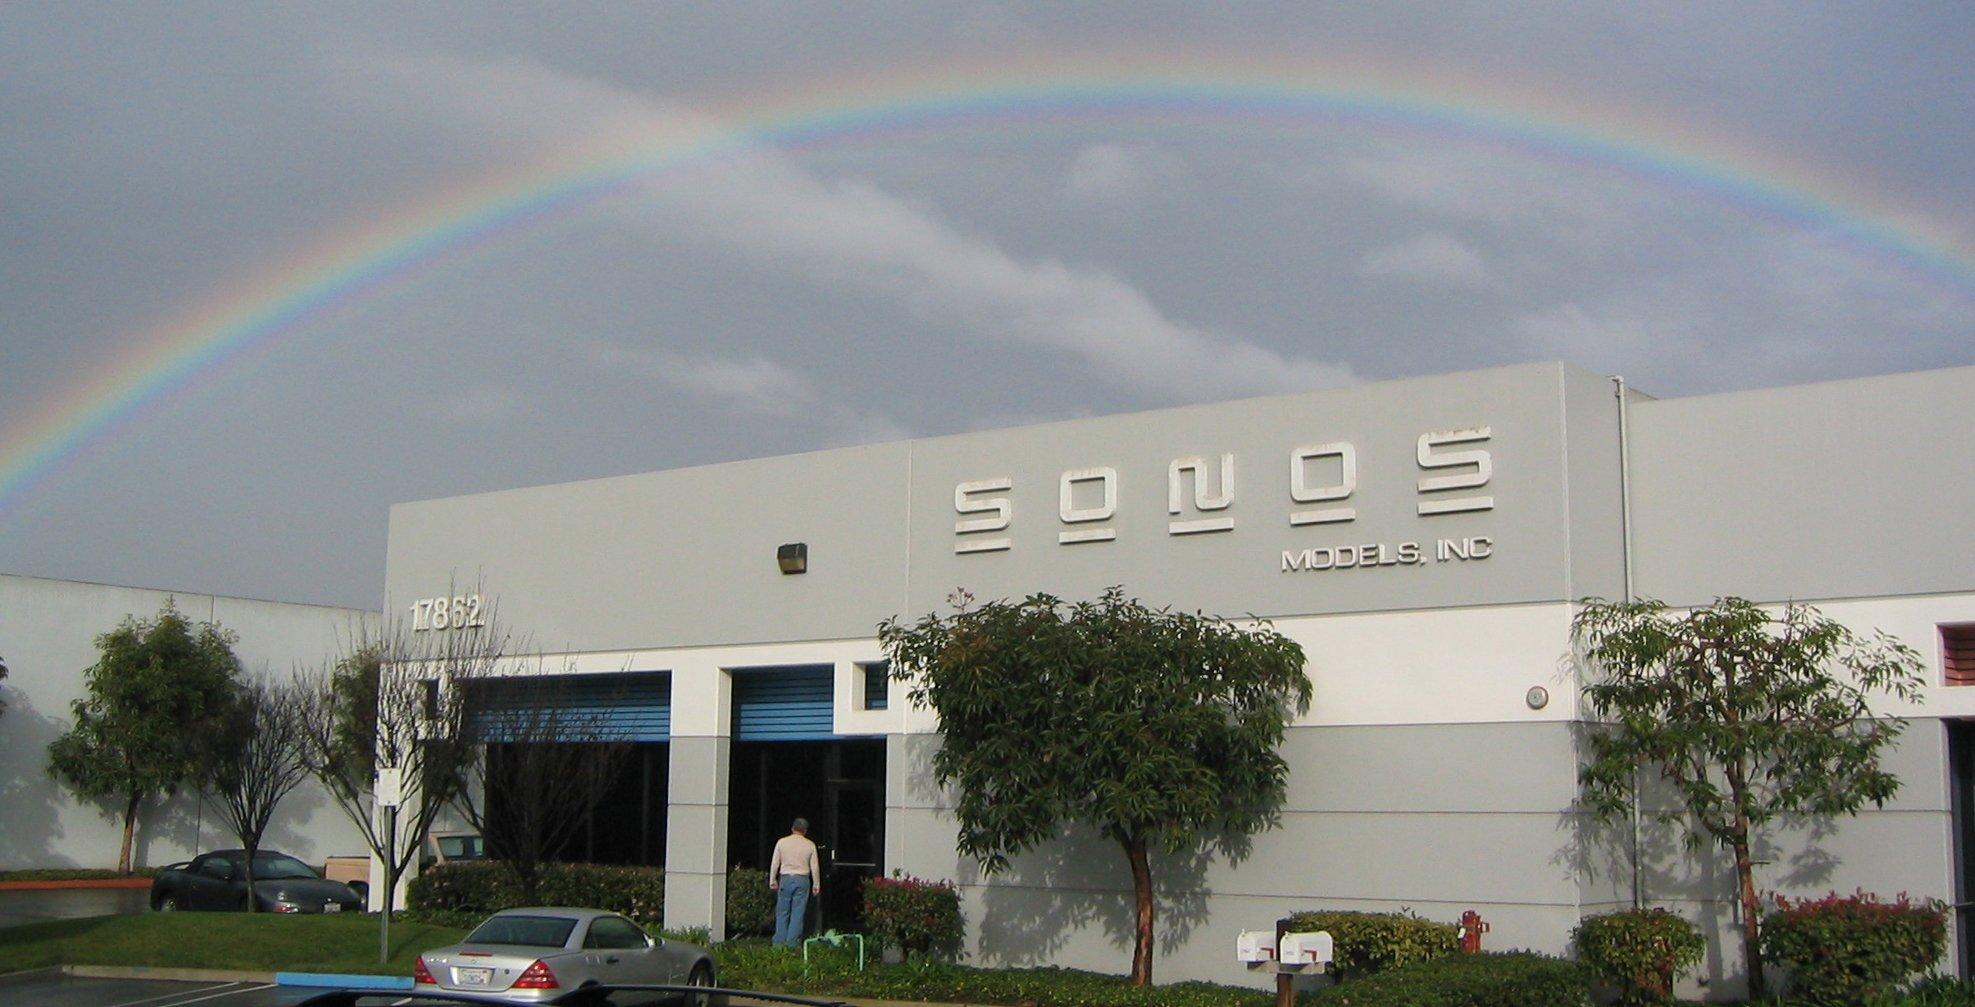 Sonos Manufacturing